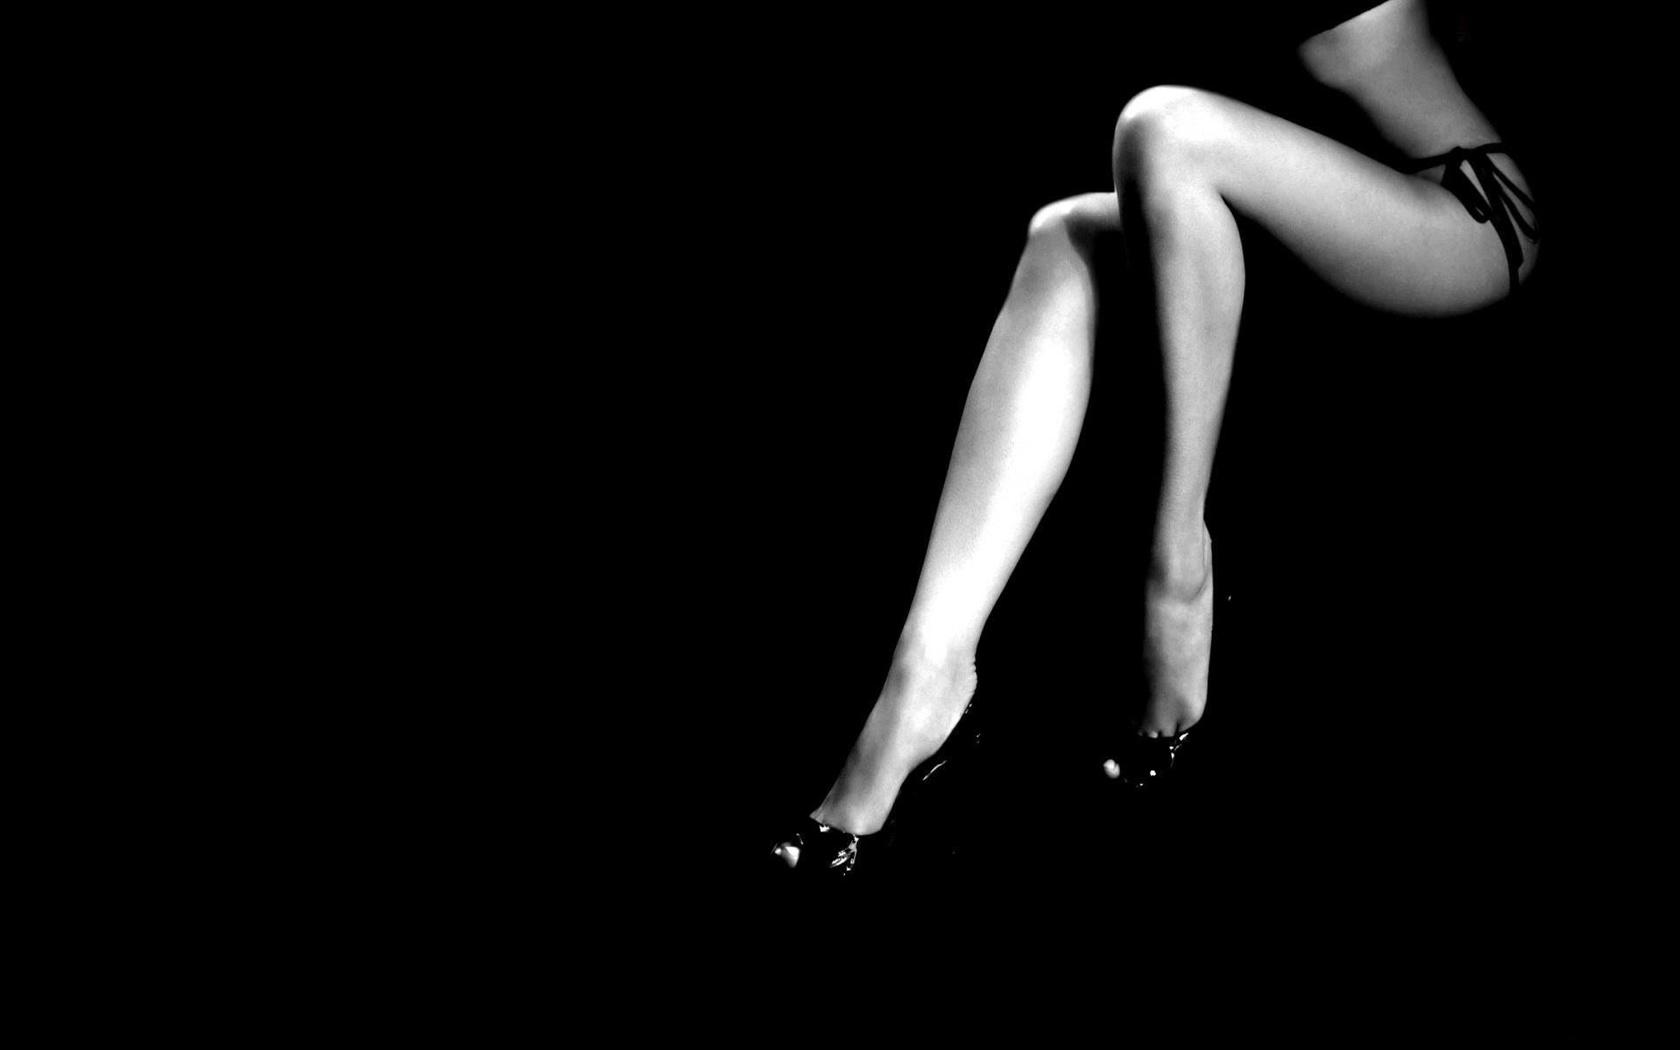 Векторный клипарт Женские ноги » AllGraf